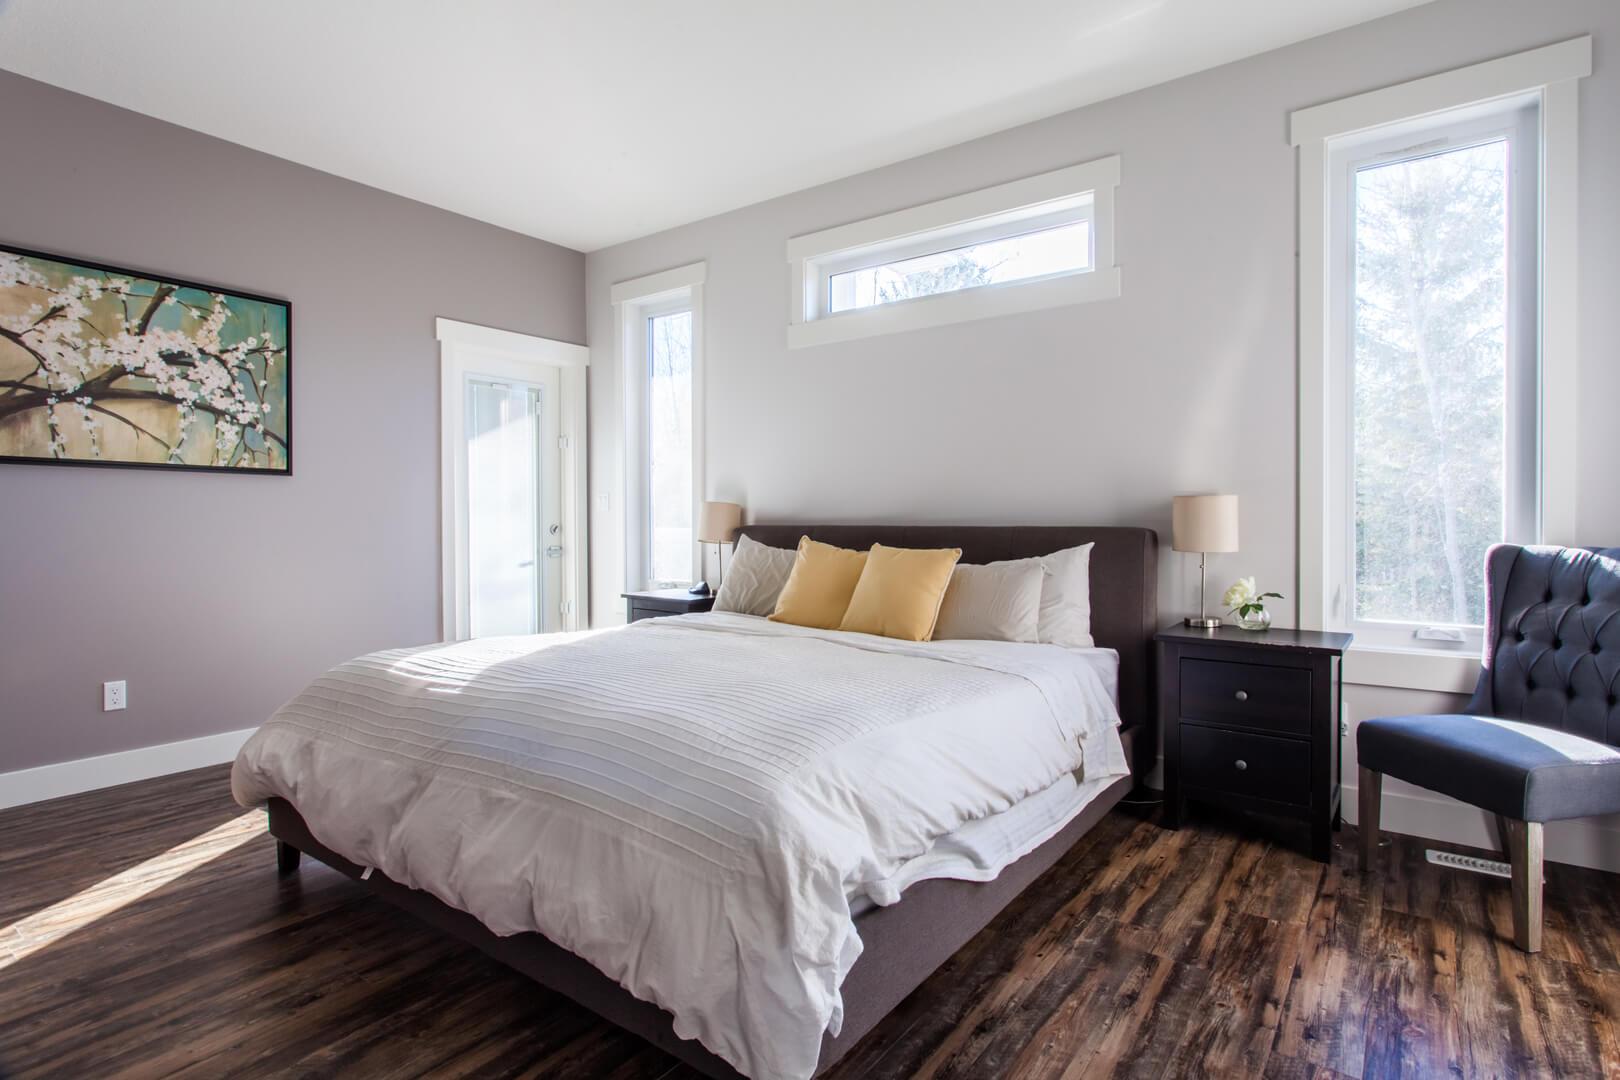 brady_rococo-homes_master-bedroom